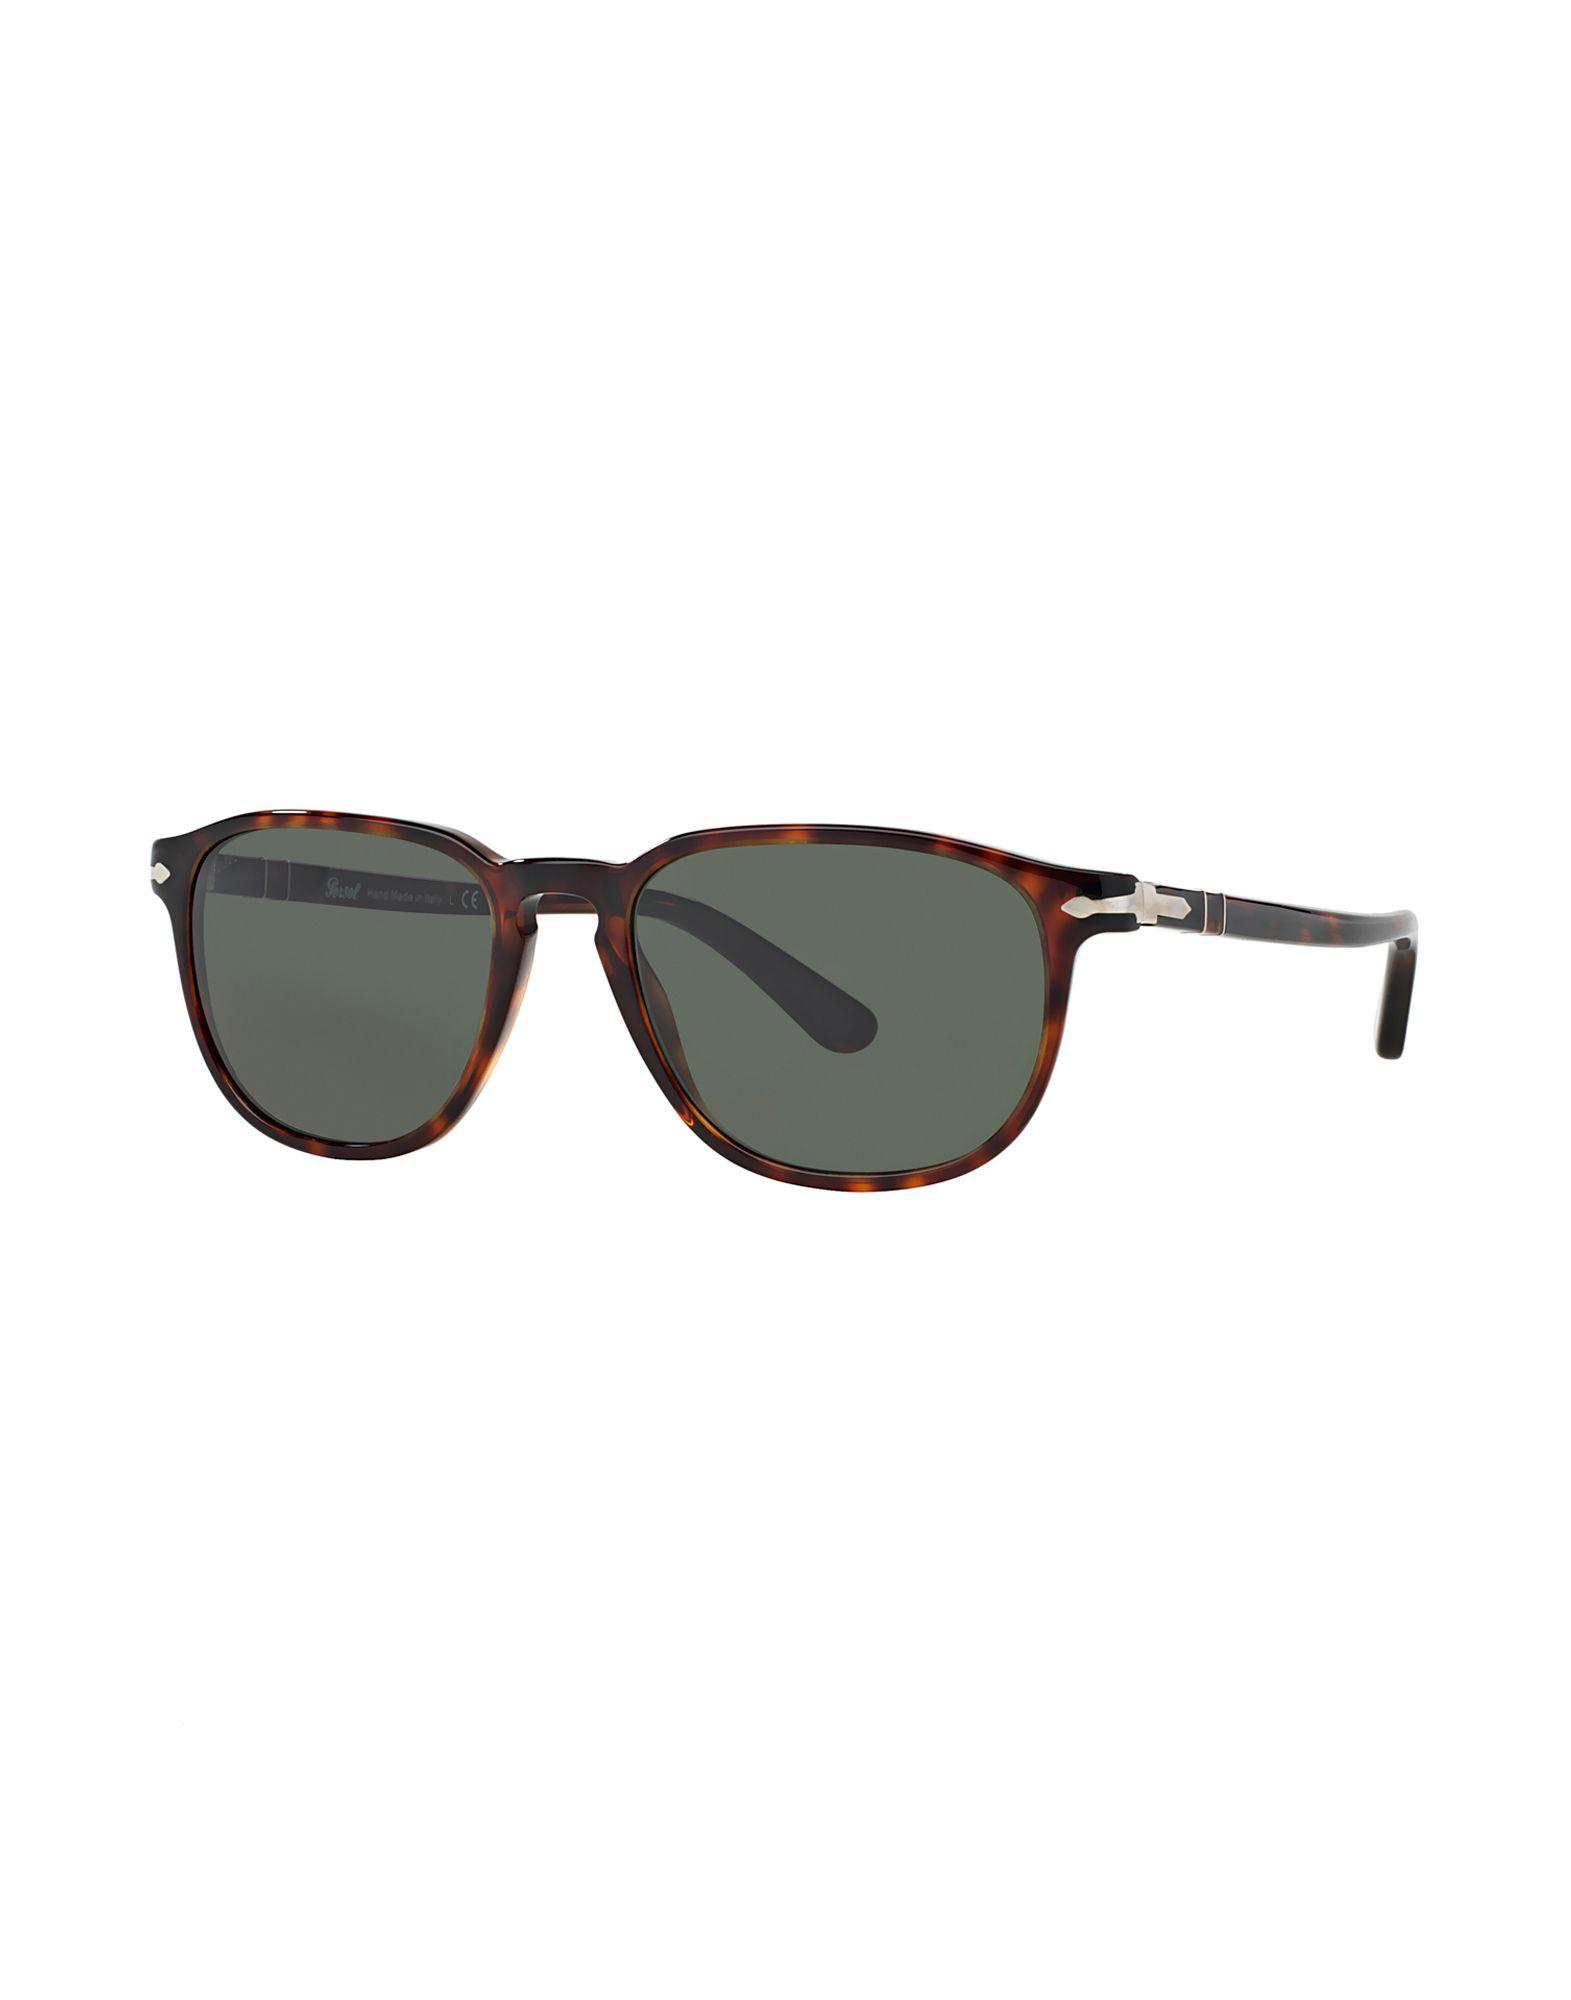 PERSOL Herren Sonnenbrille Farbe Braun Größe 1 jetztbilligerkaufen